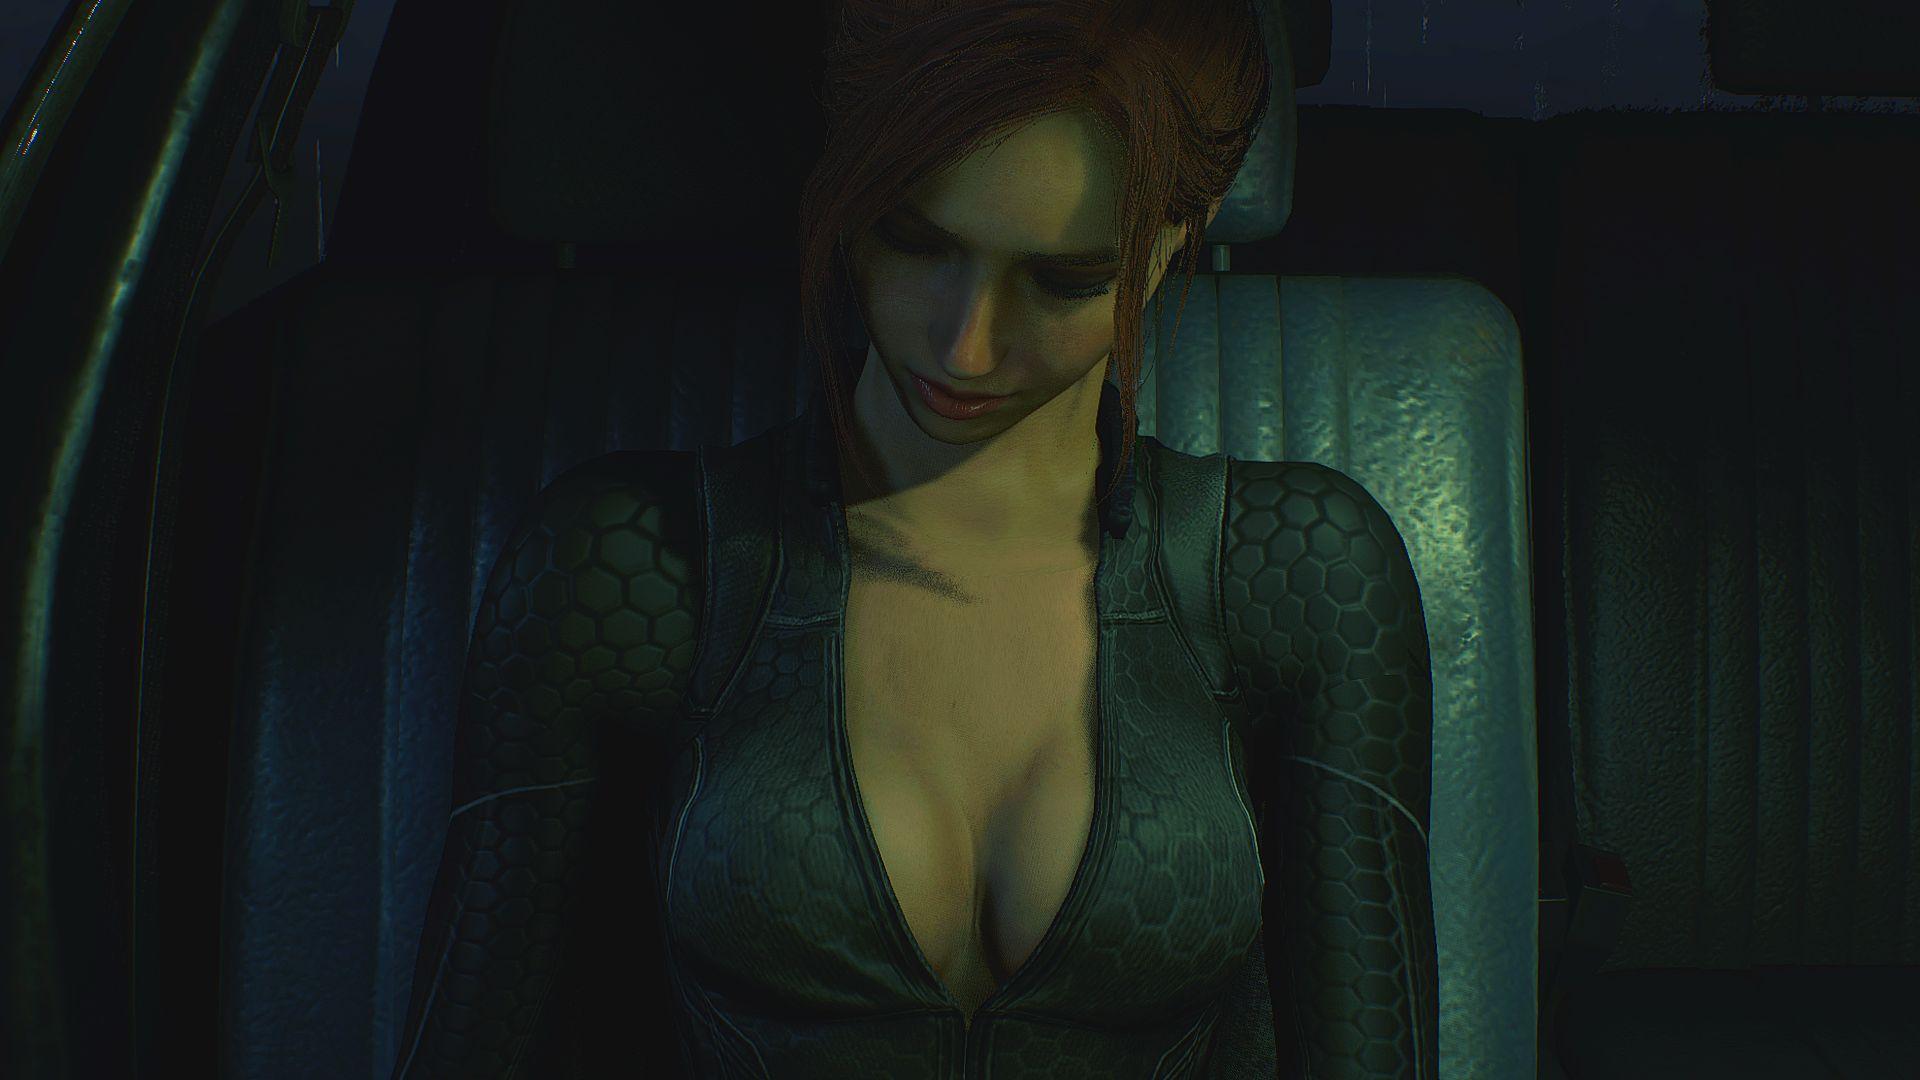 001314.Jpg - Resident Evil 2